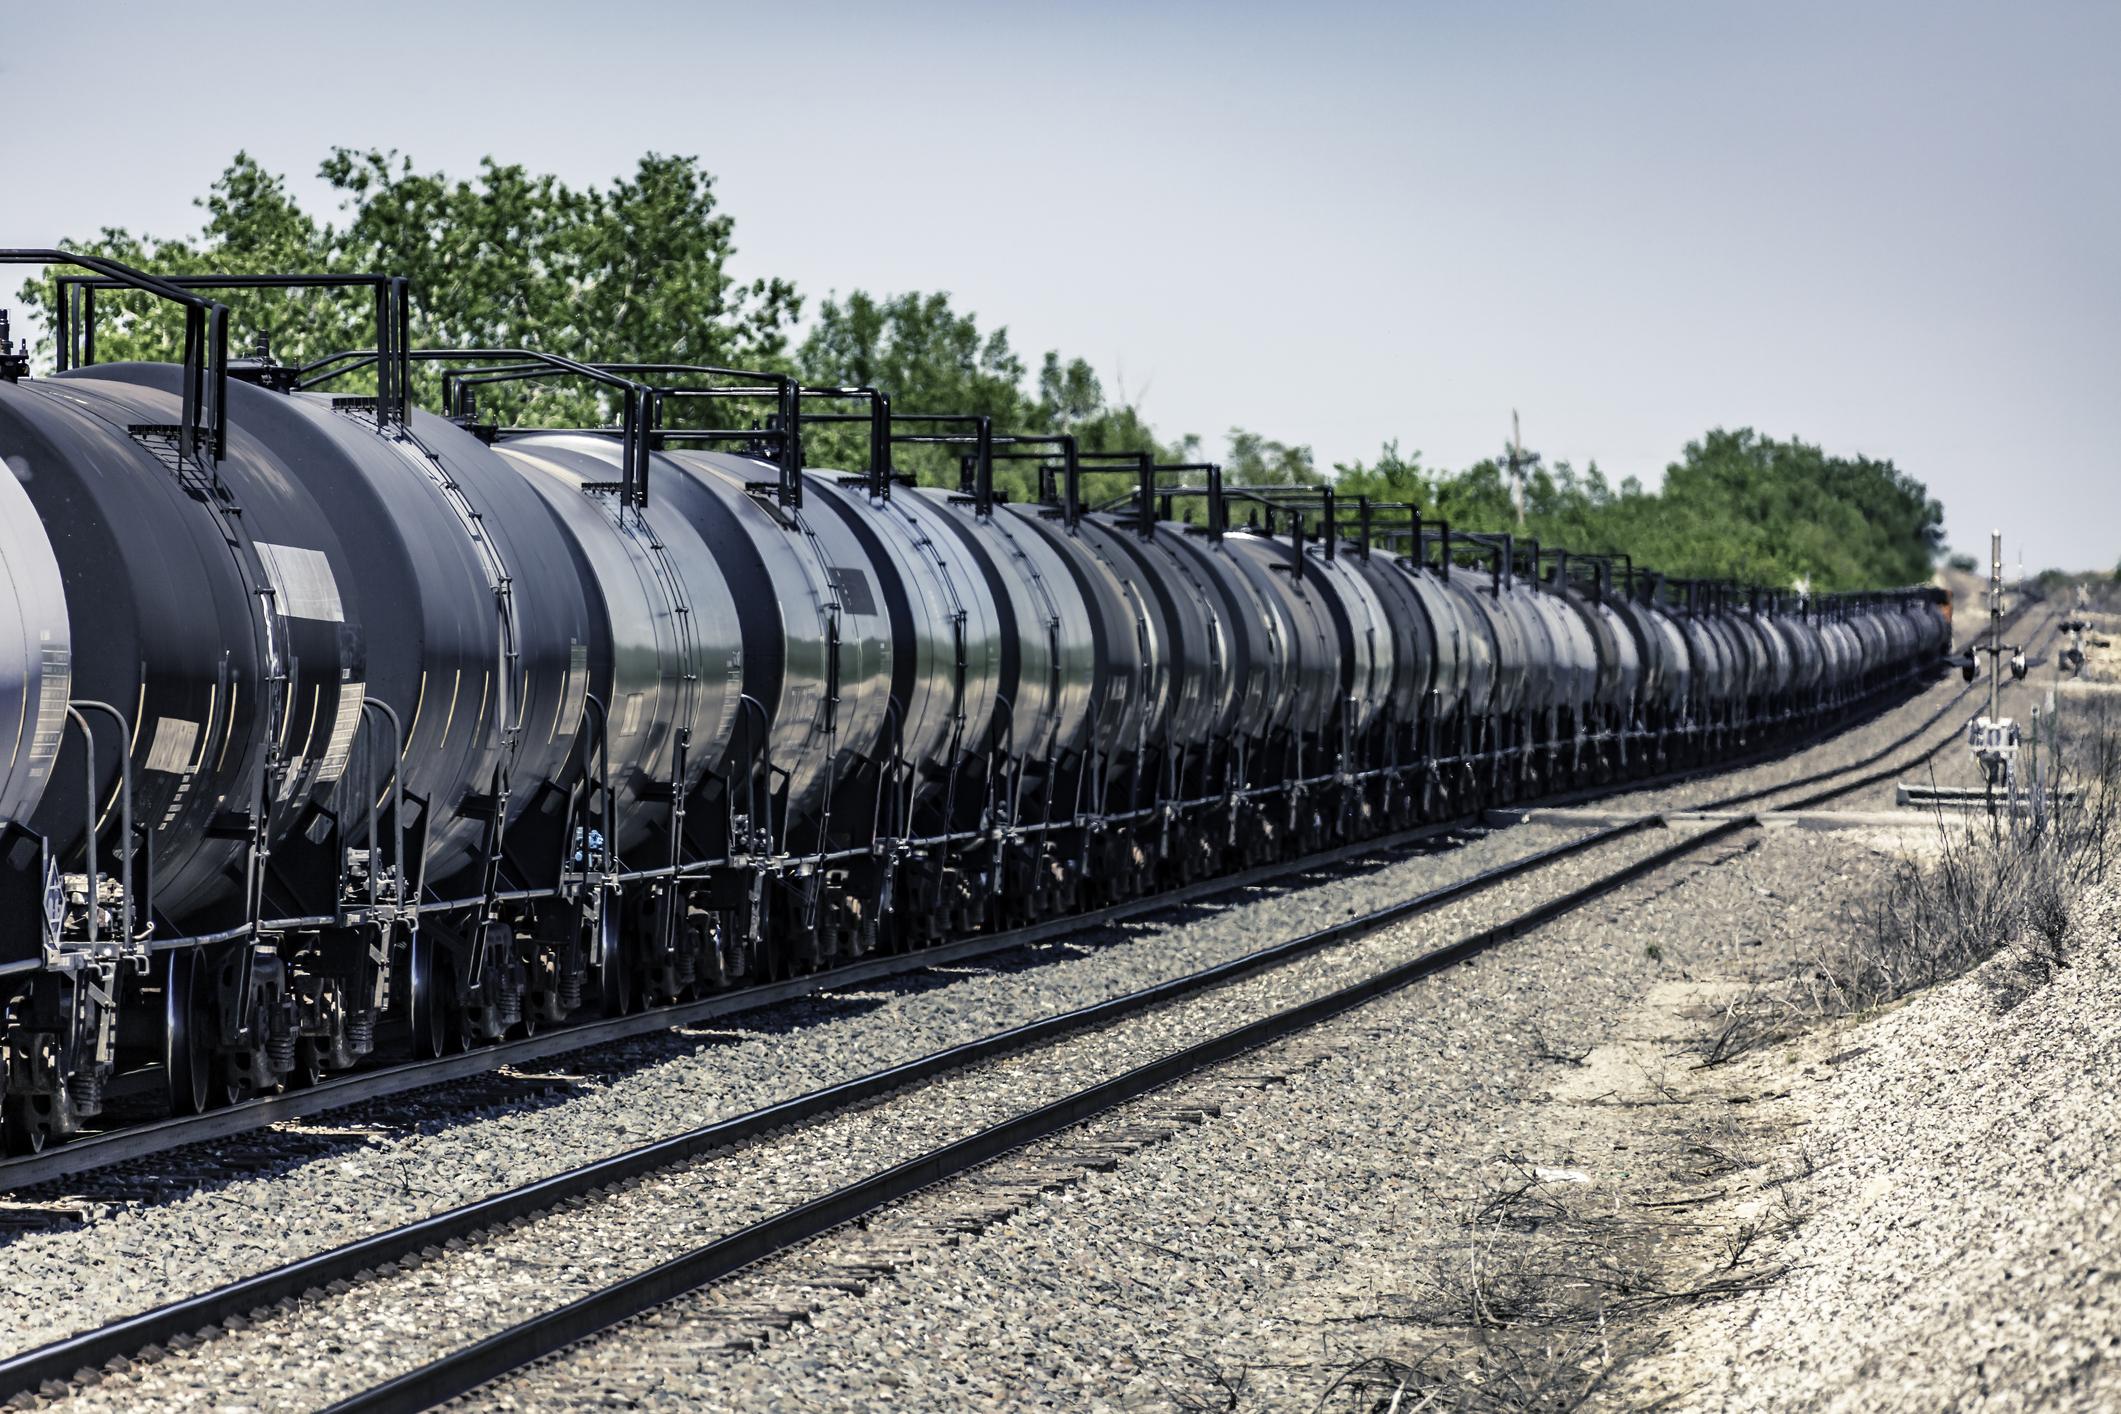 Weltweiter Produktionsumfang von Biodiesel